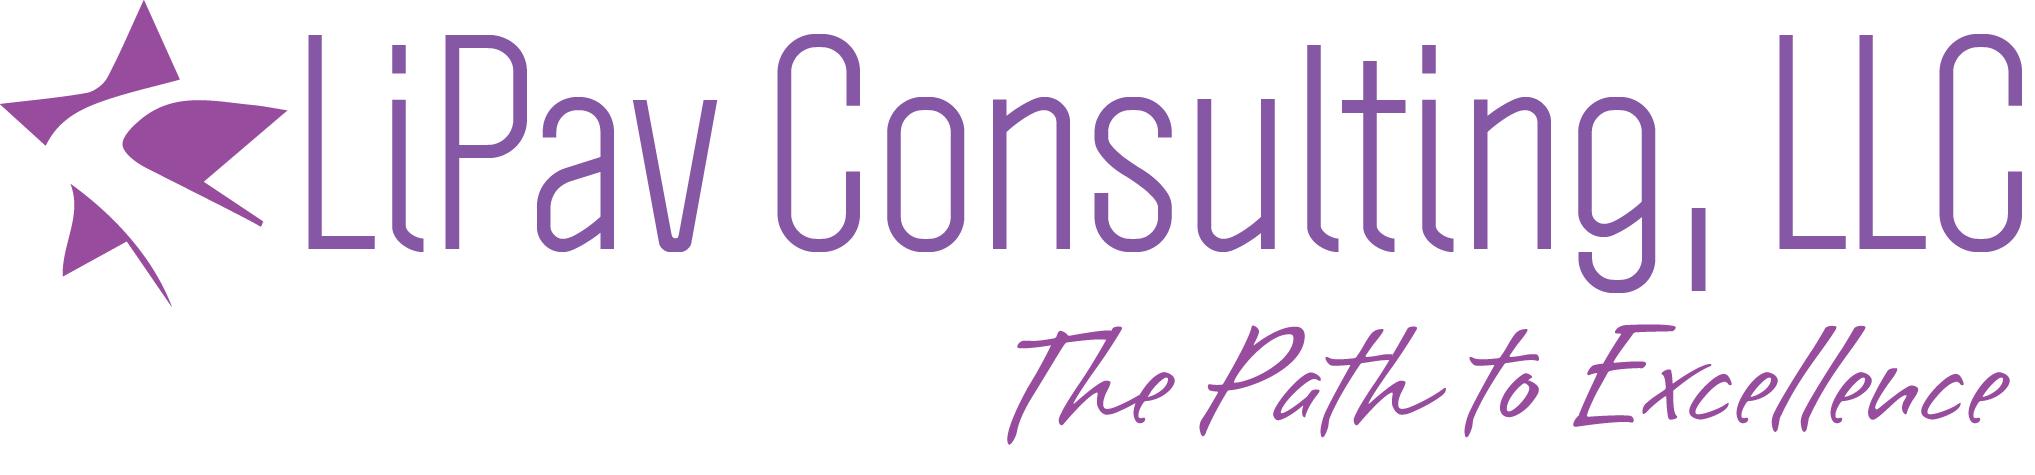 LiPav Consulting Logo